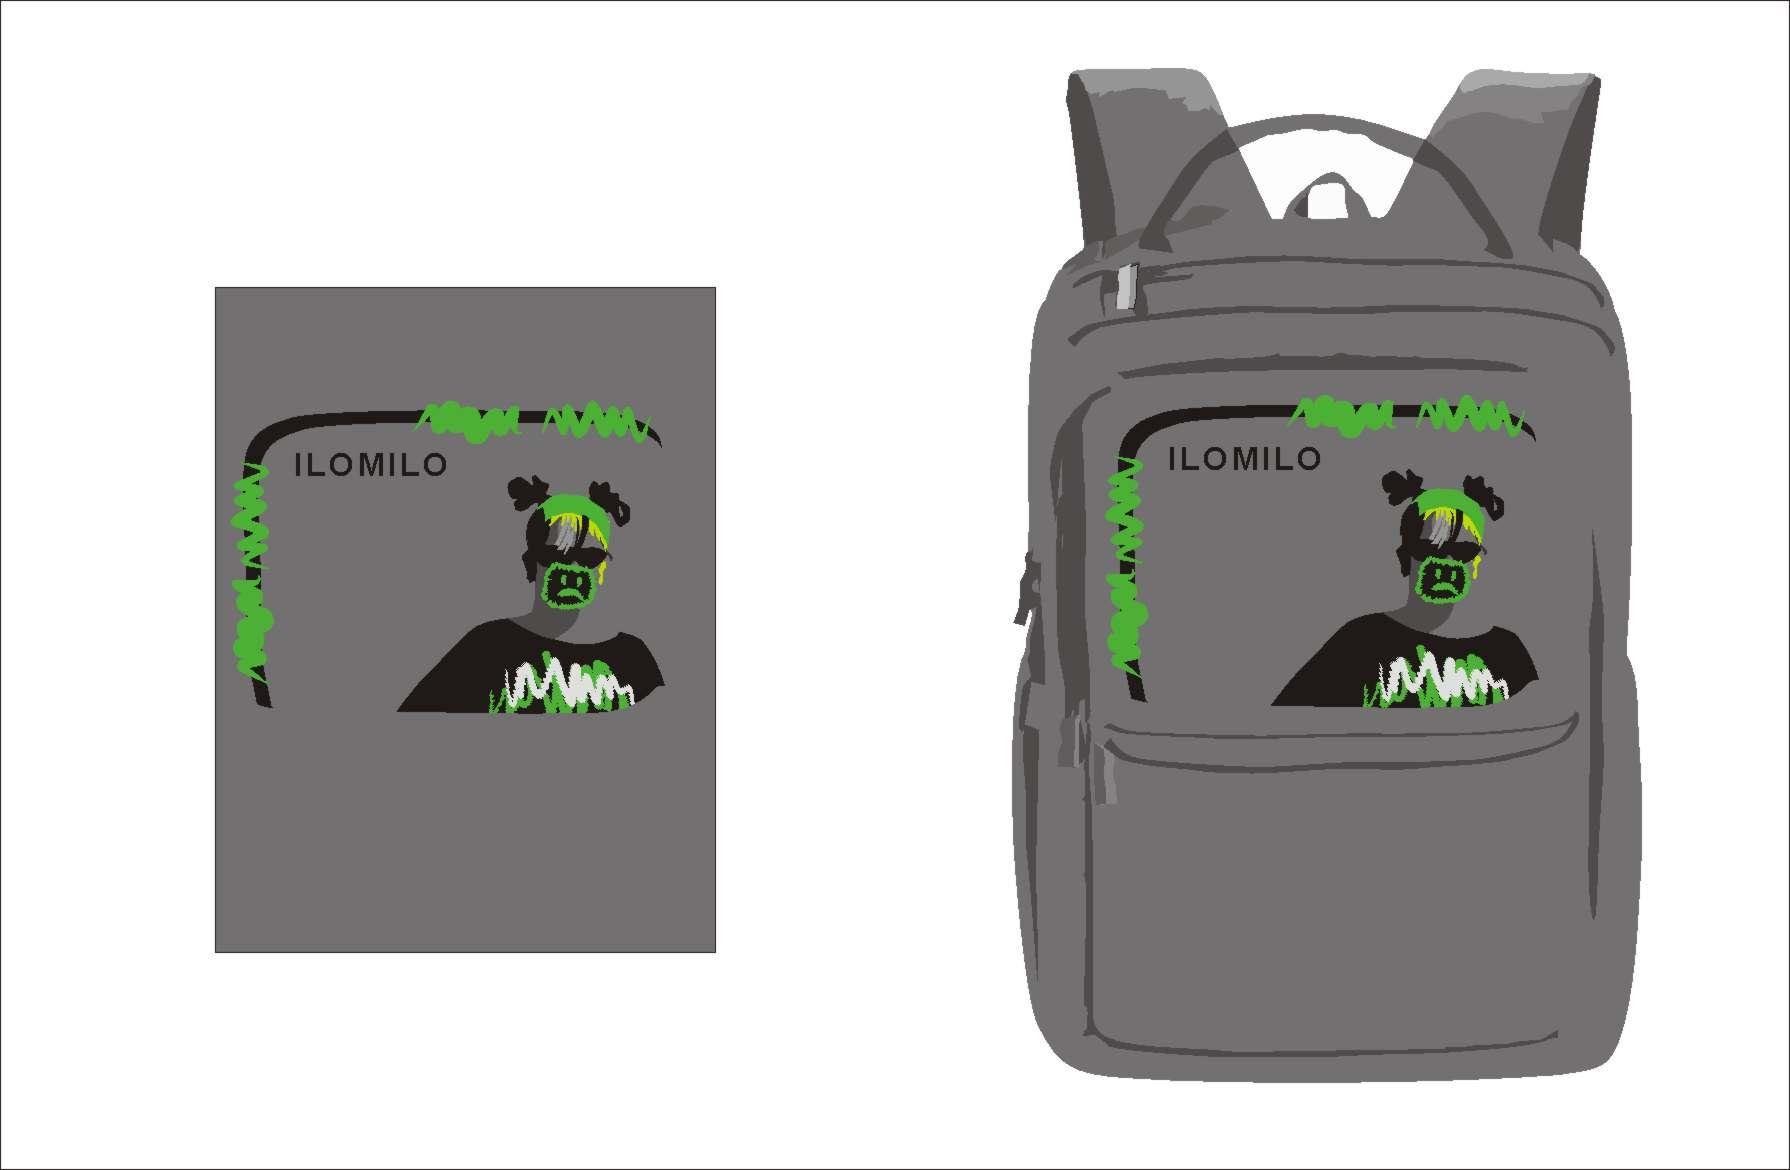 Конкурс на создание оригинального принта для рюкзаков фото f_9995f892a7d4cc8c.jpg